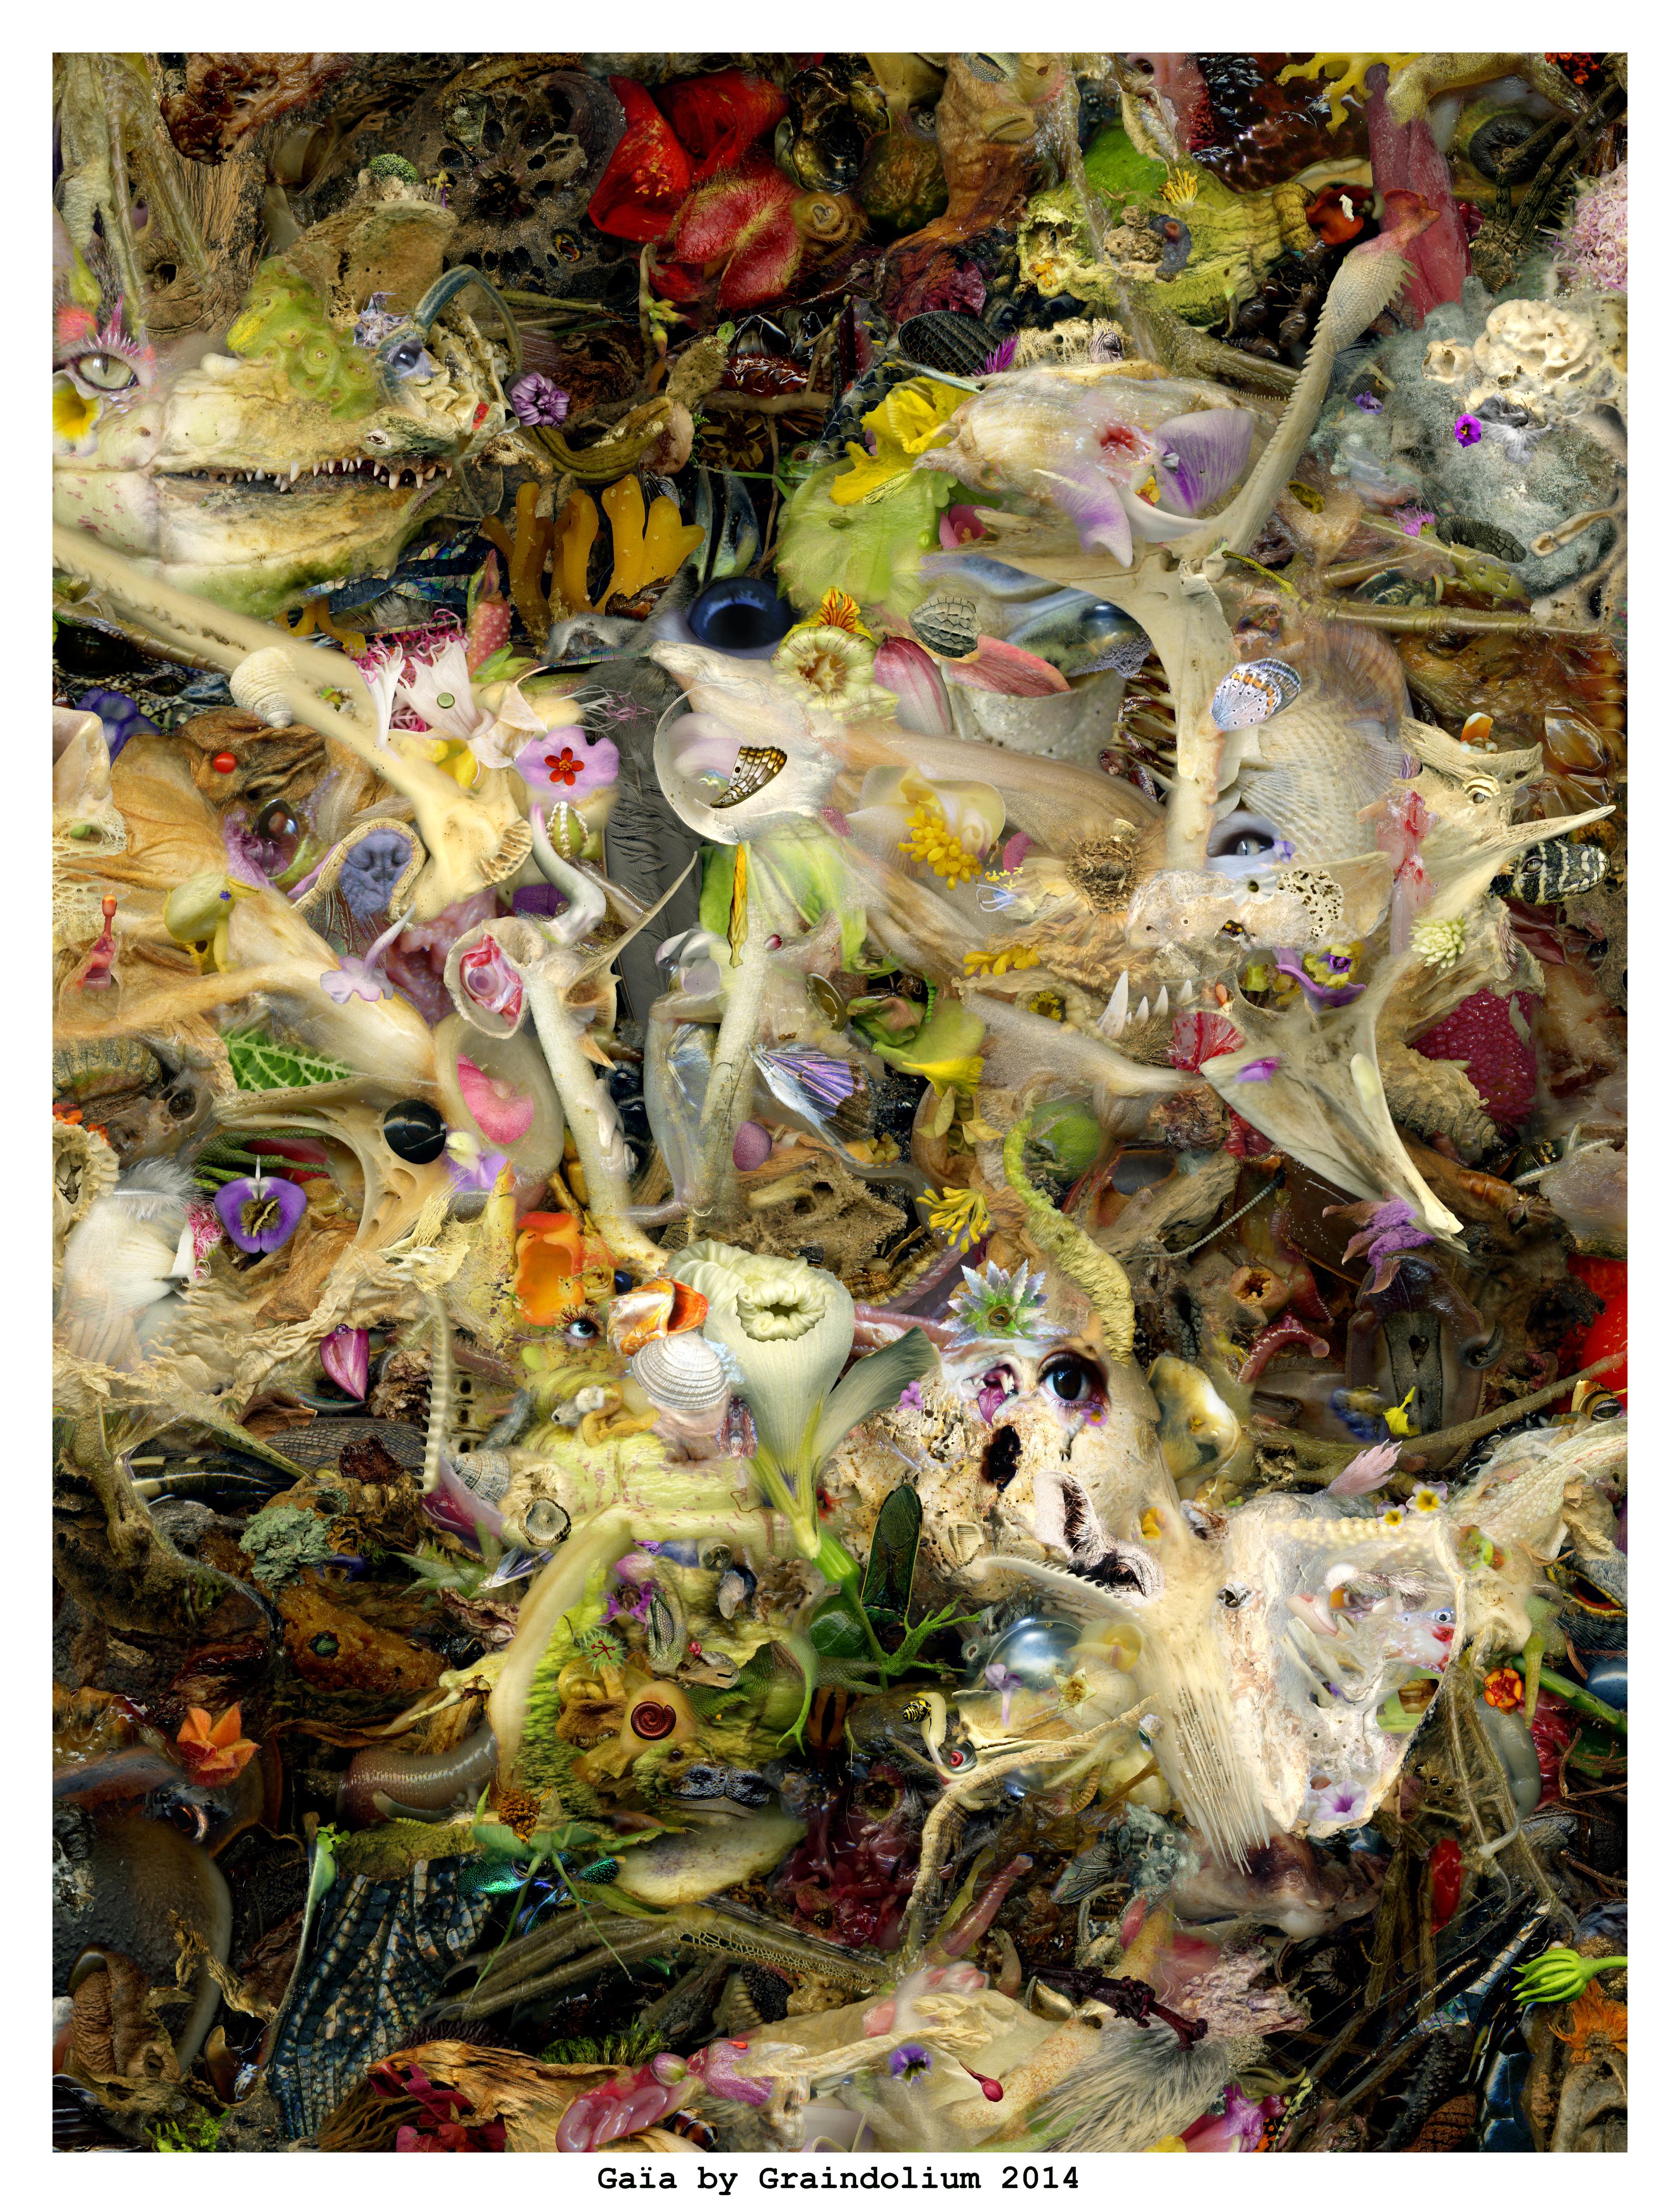 Gaia by Graindolium